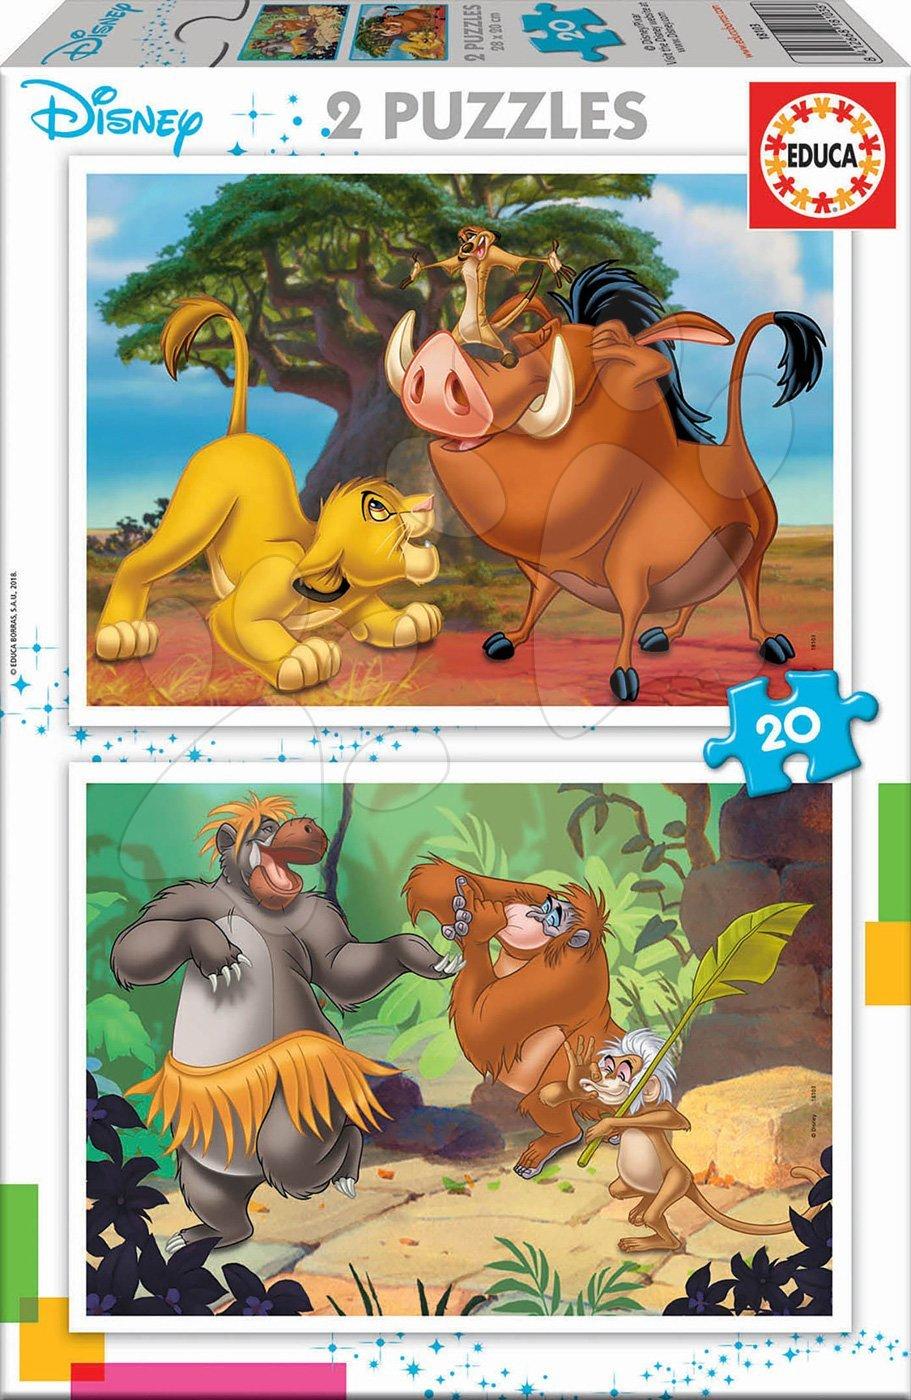 Dječje puzzle do 100 dijelova - Puzzle Kralj lavova Disney Educa 2x20 dijelova od 4 godine